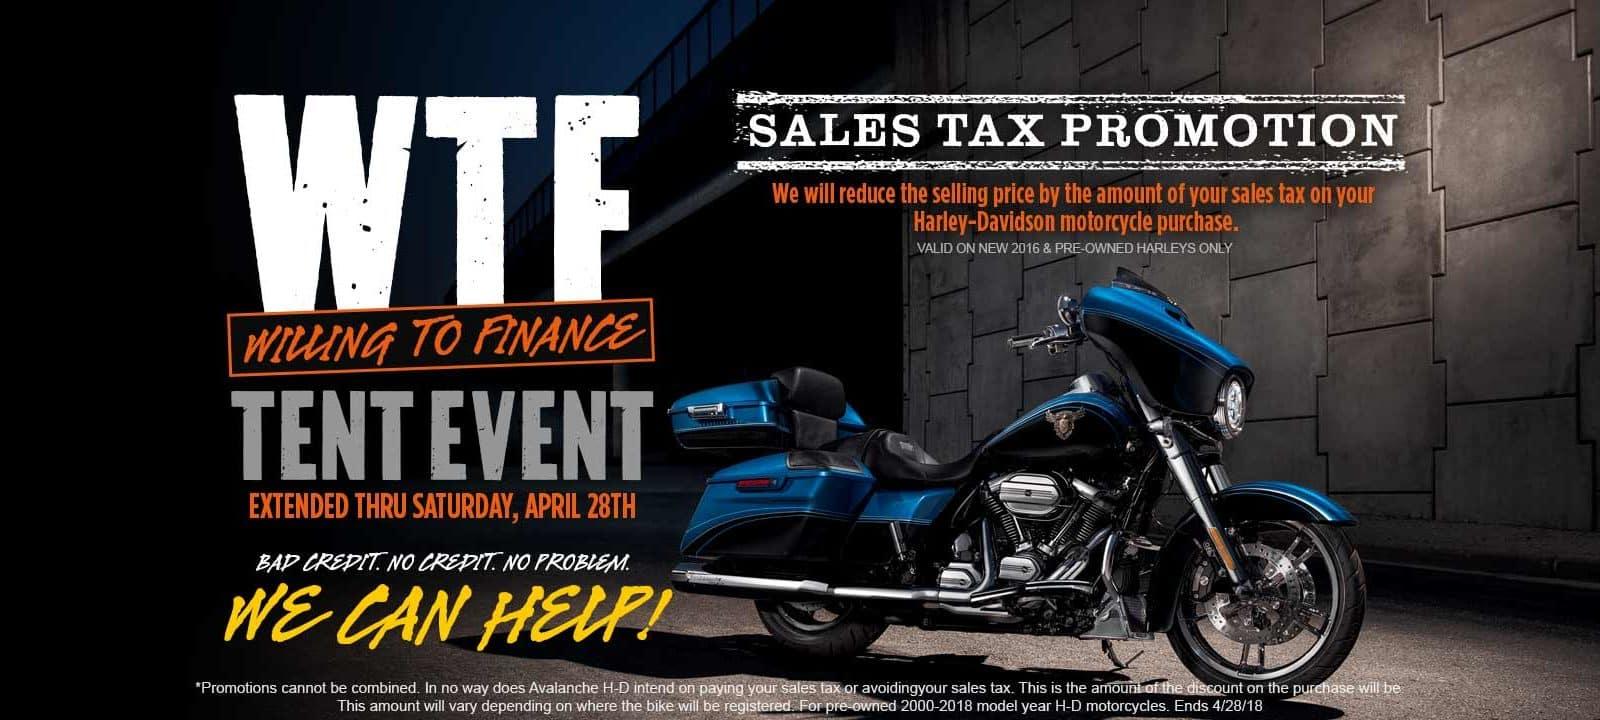 20180423-AHD-1800x720-WTF-Tent-Event-Sales-Tax